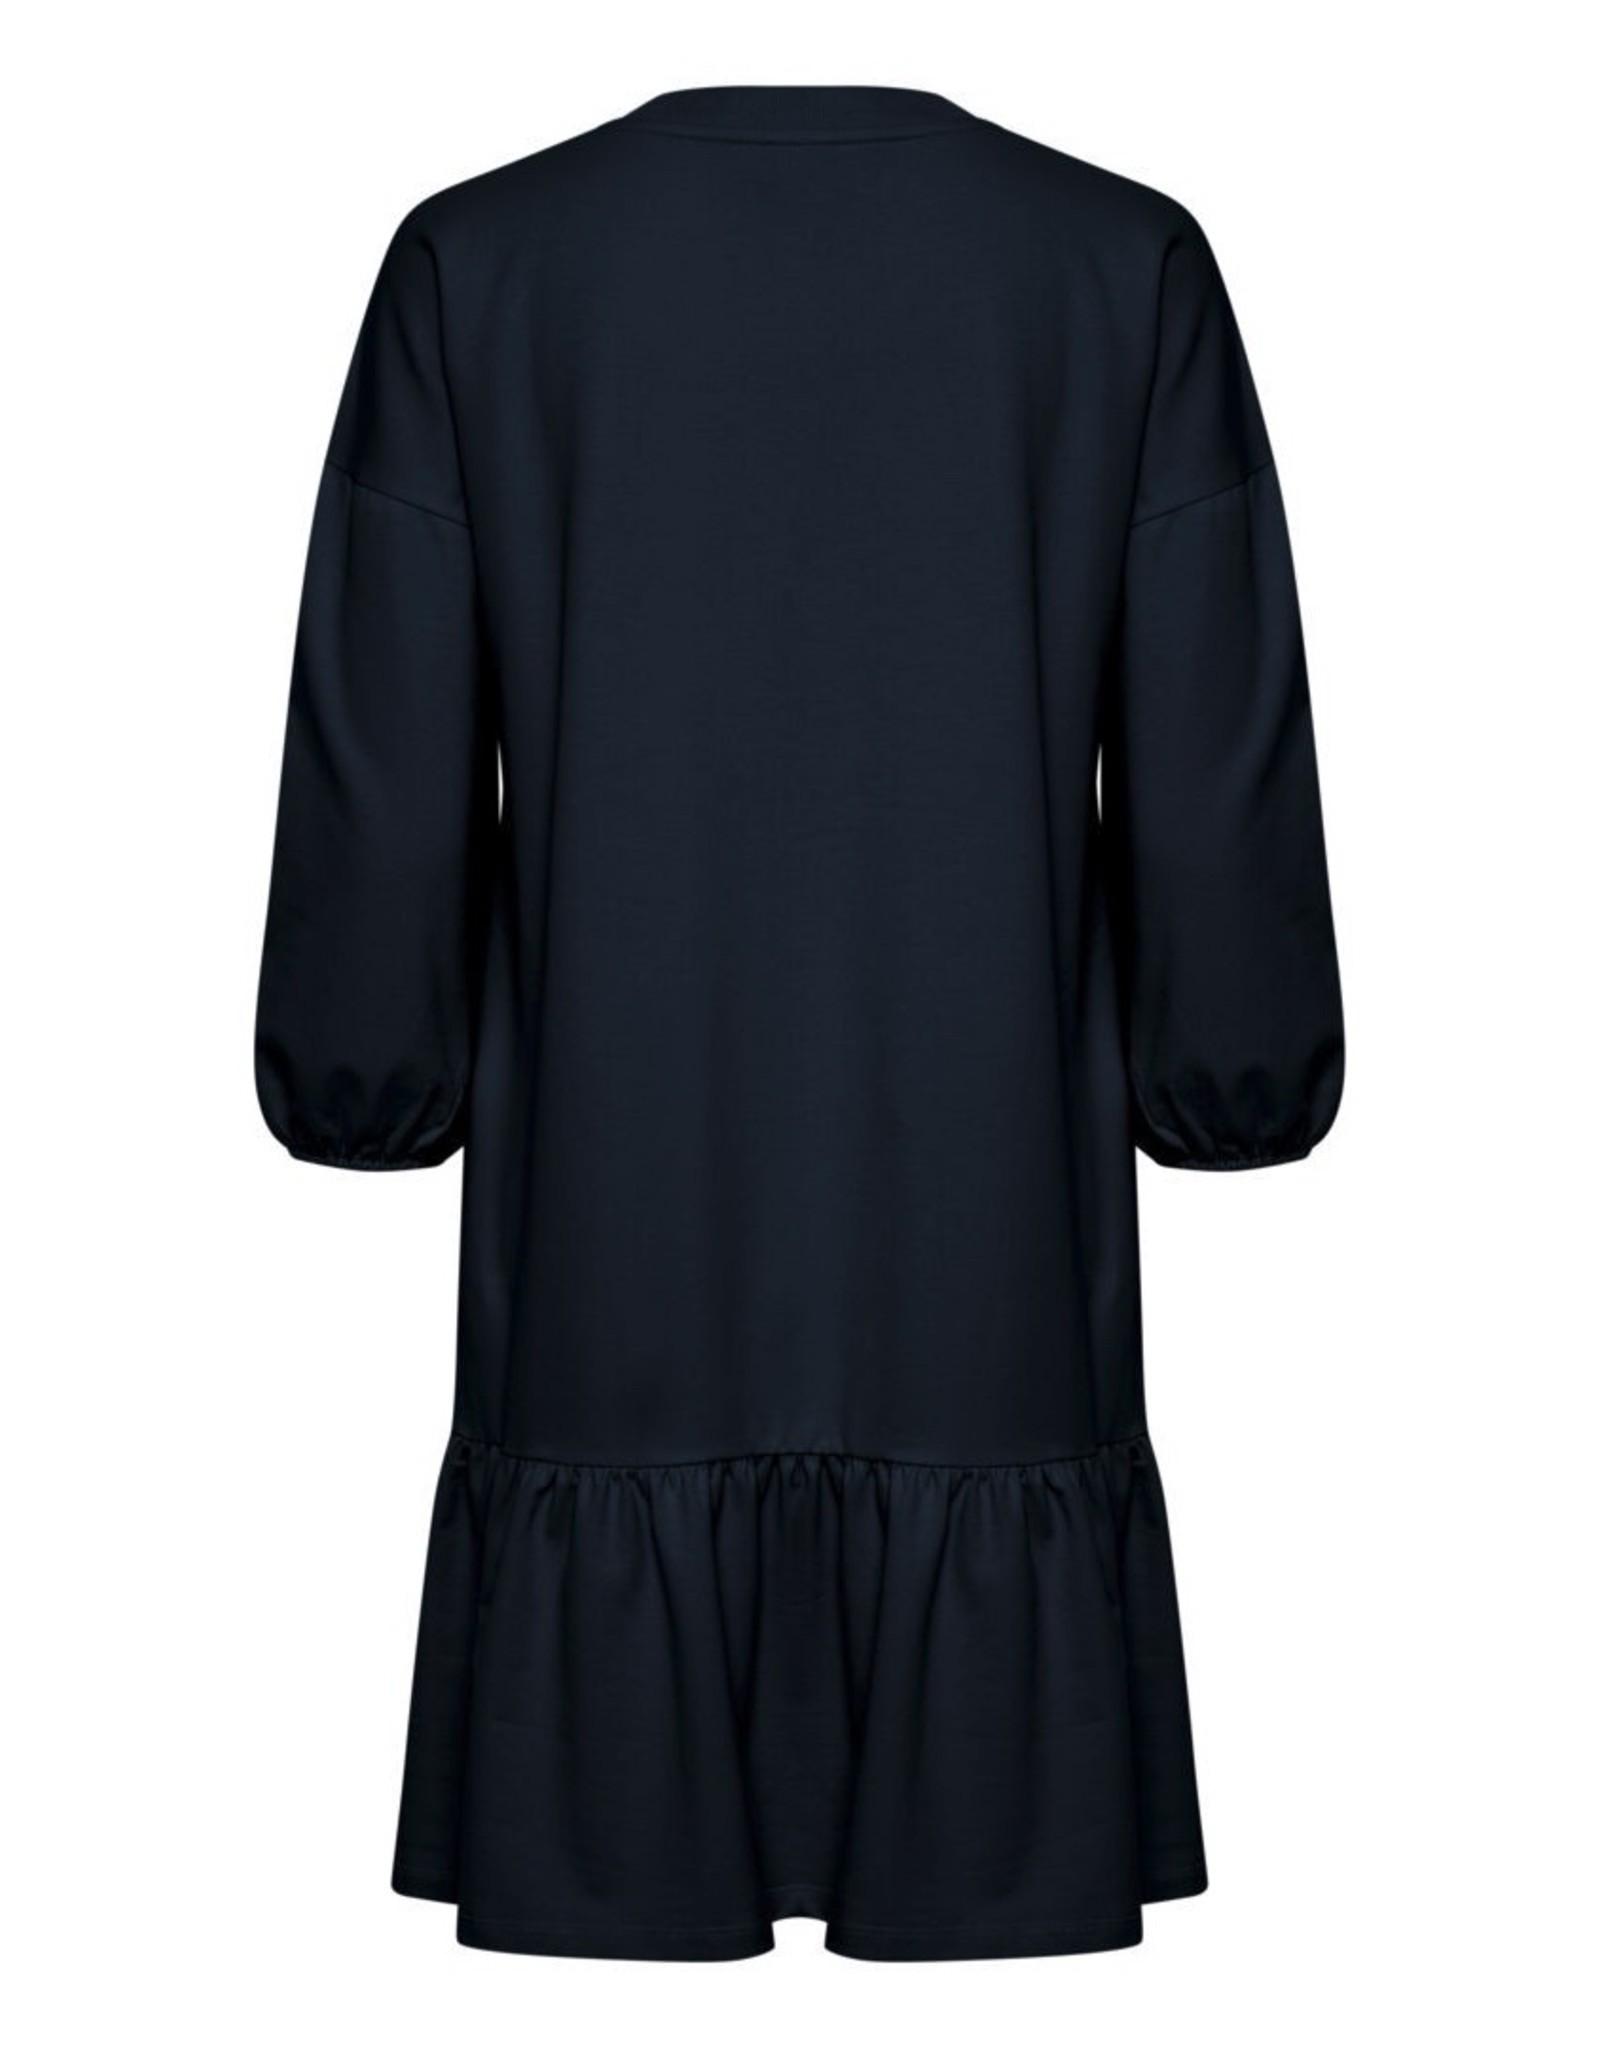 Ichi ICHI Ihkimber Dress